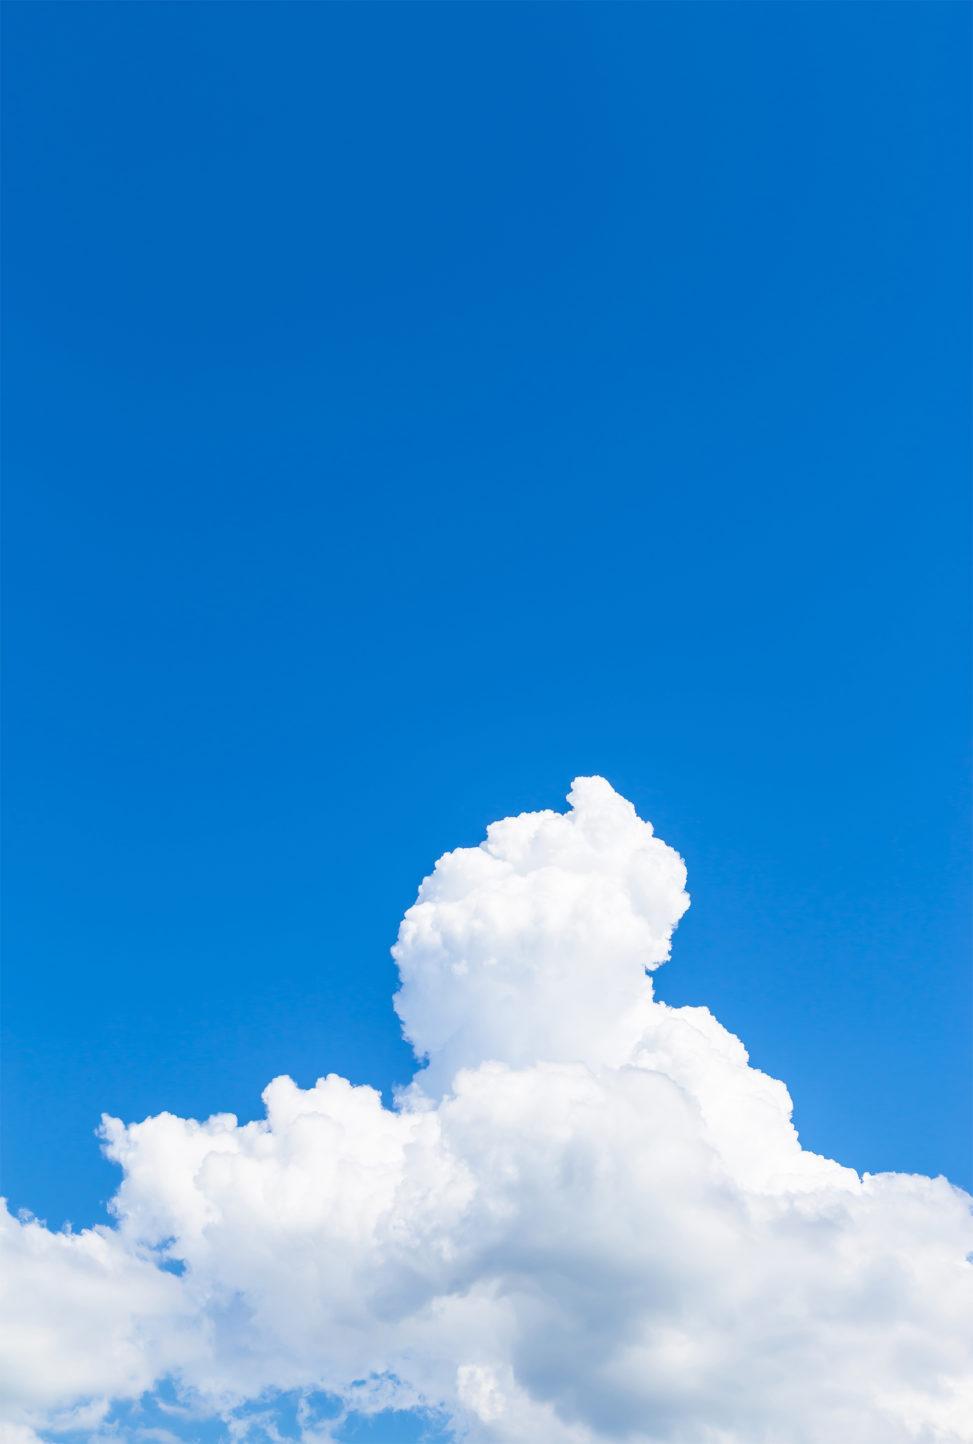 真夏の入道雲05の写真素材